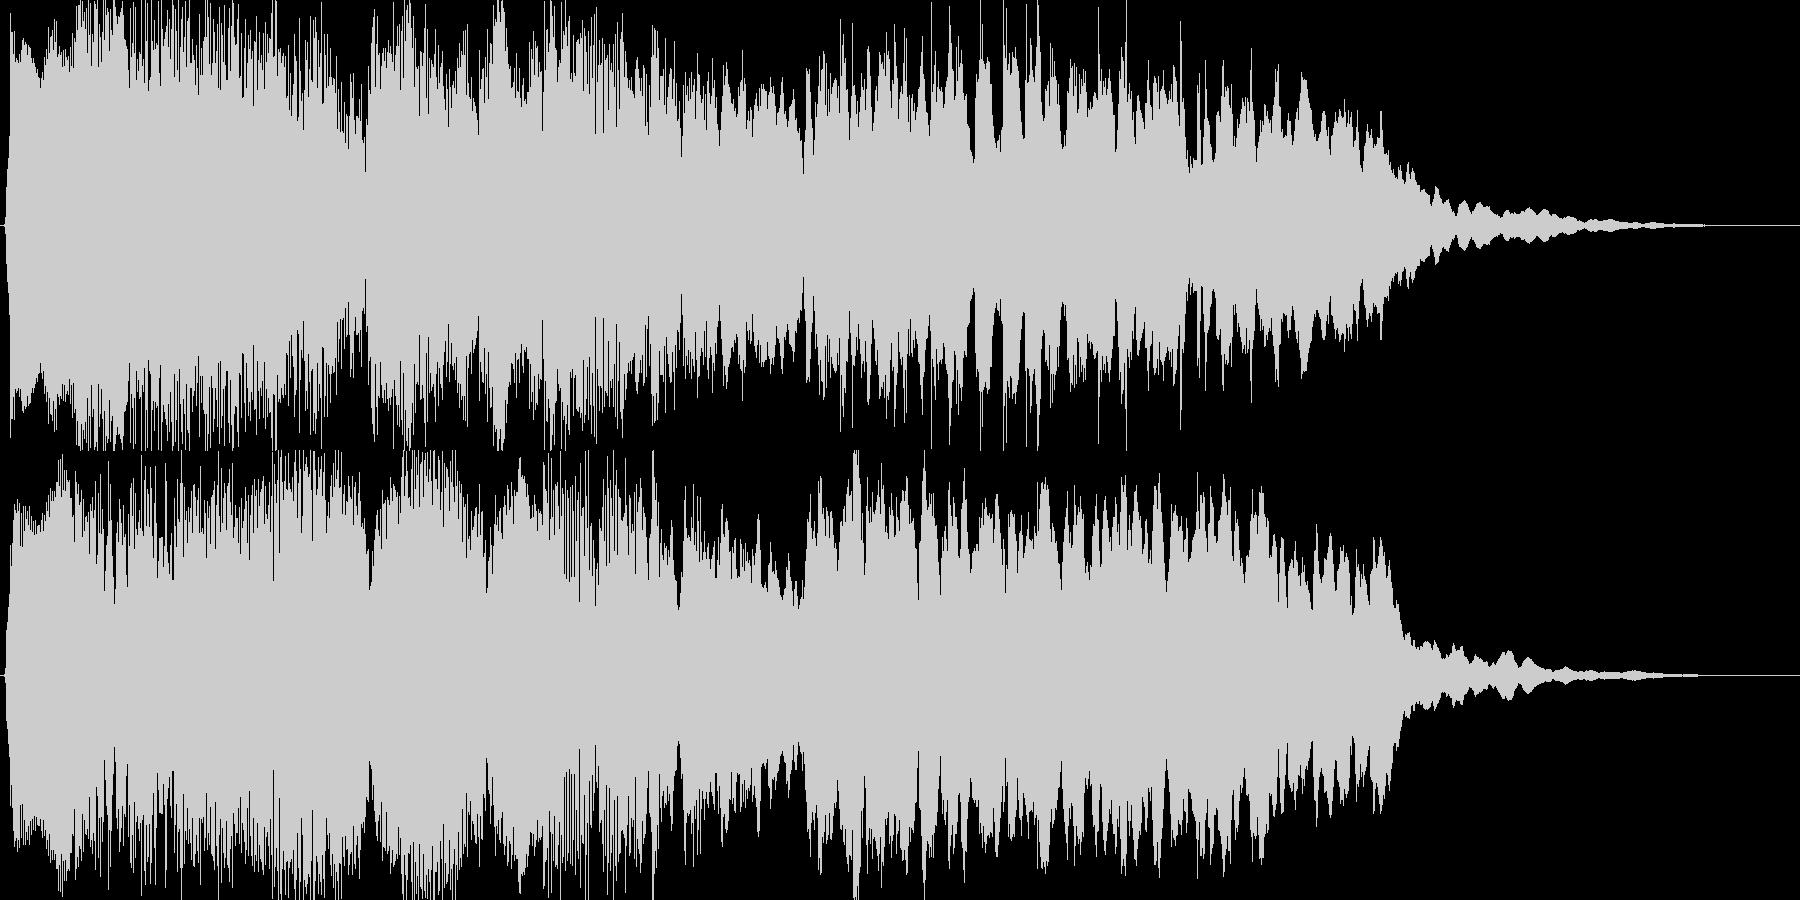 幽玄イメージの和風・オリエンタルジングルの未再生の波形